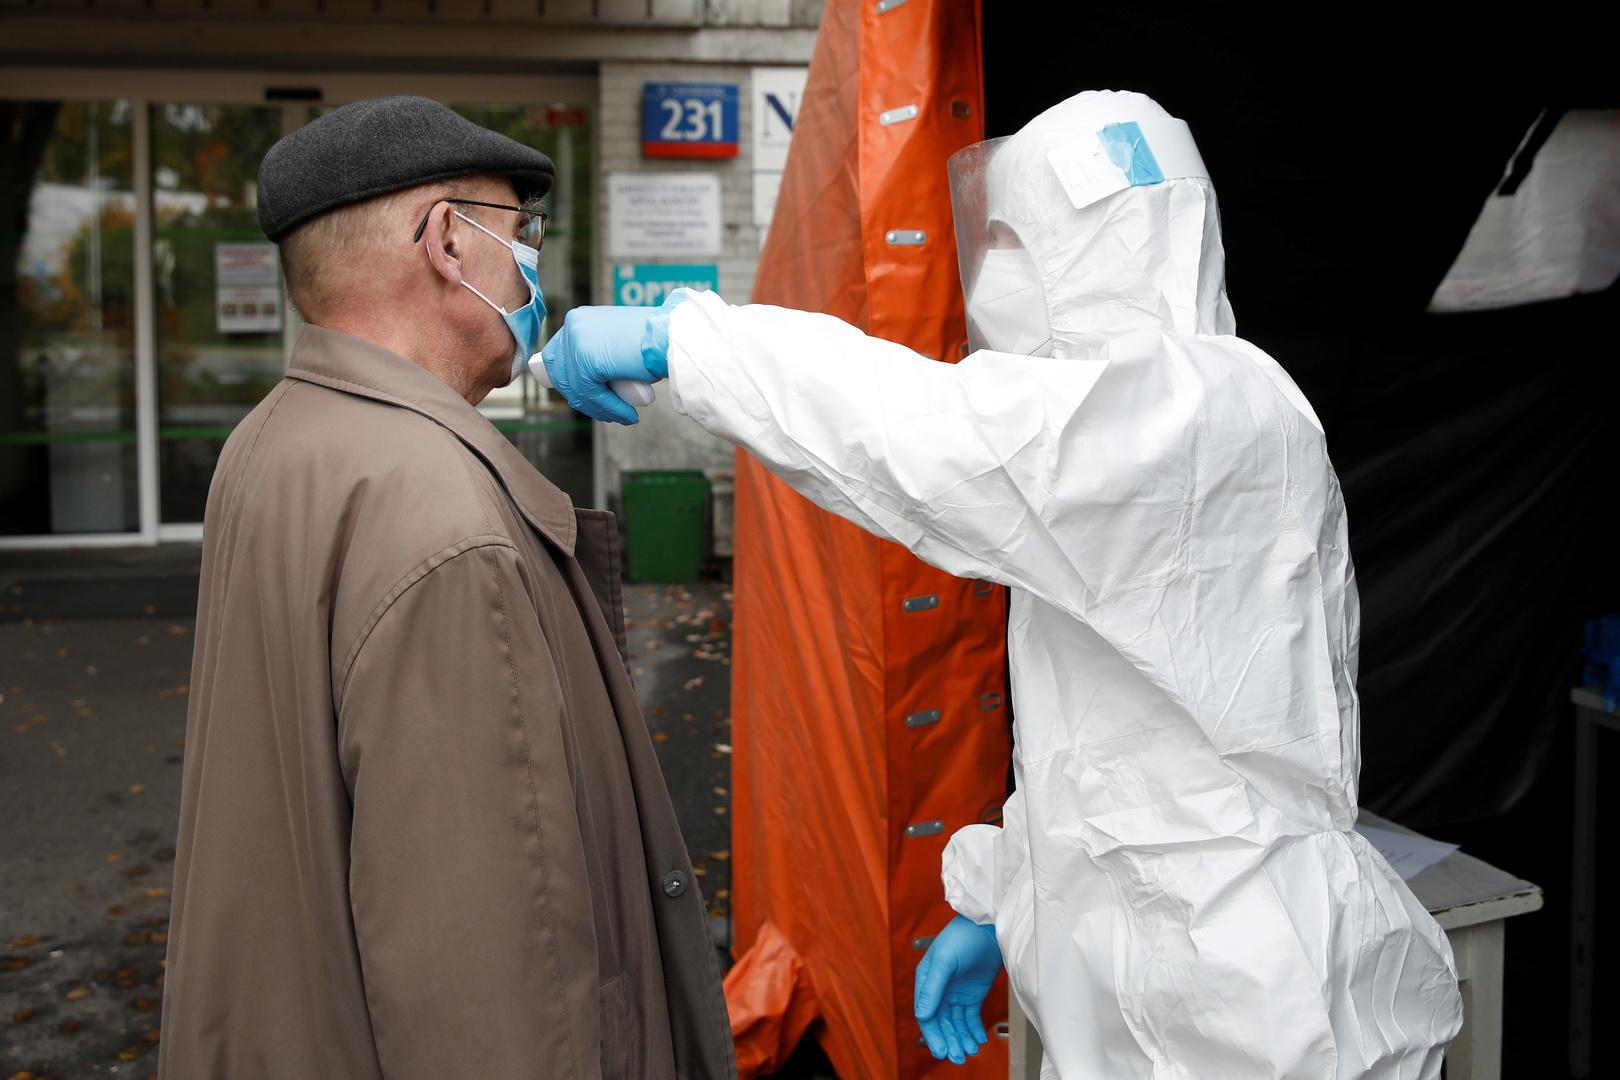 إيطاليا تعلن تسجيل 21994 إصابة جديدة بكورونا و221 وفاة